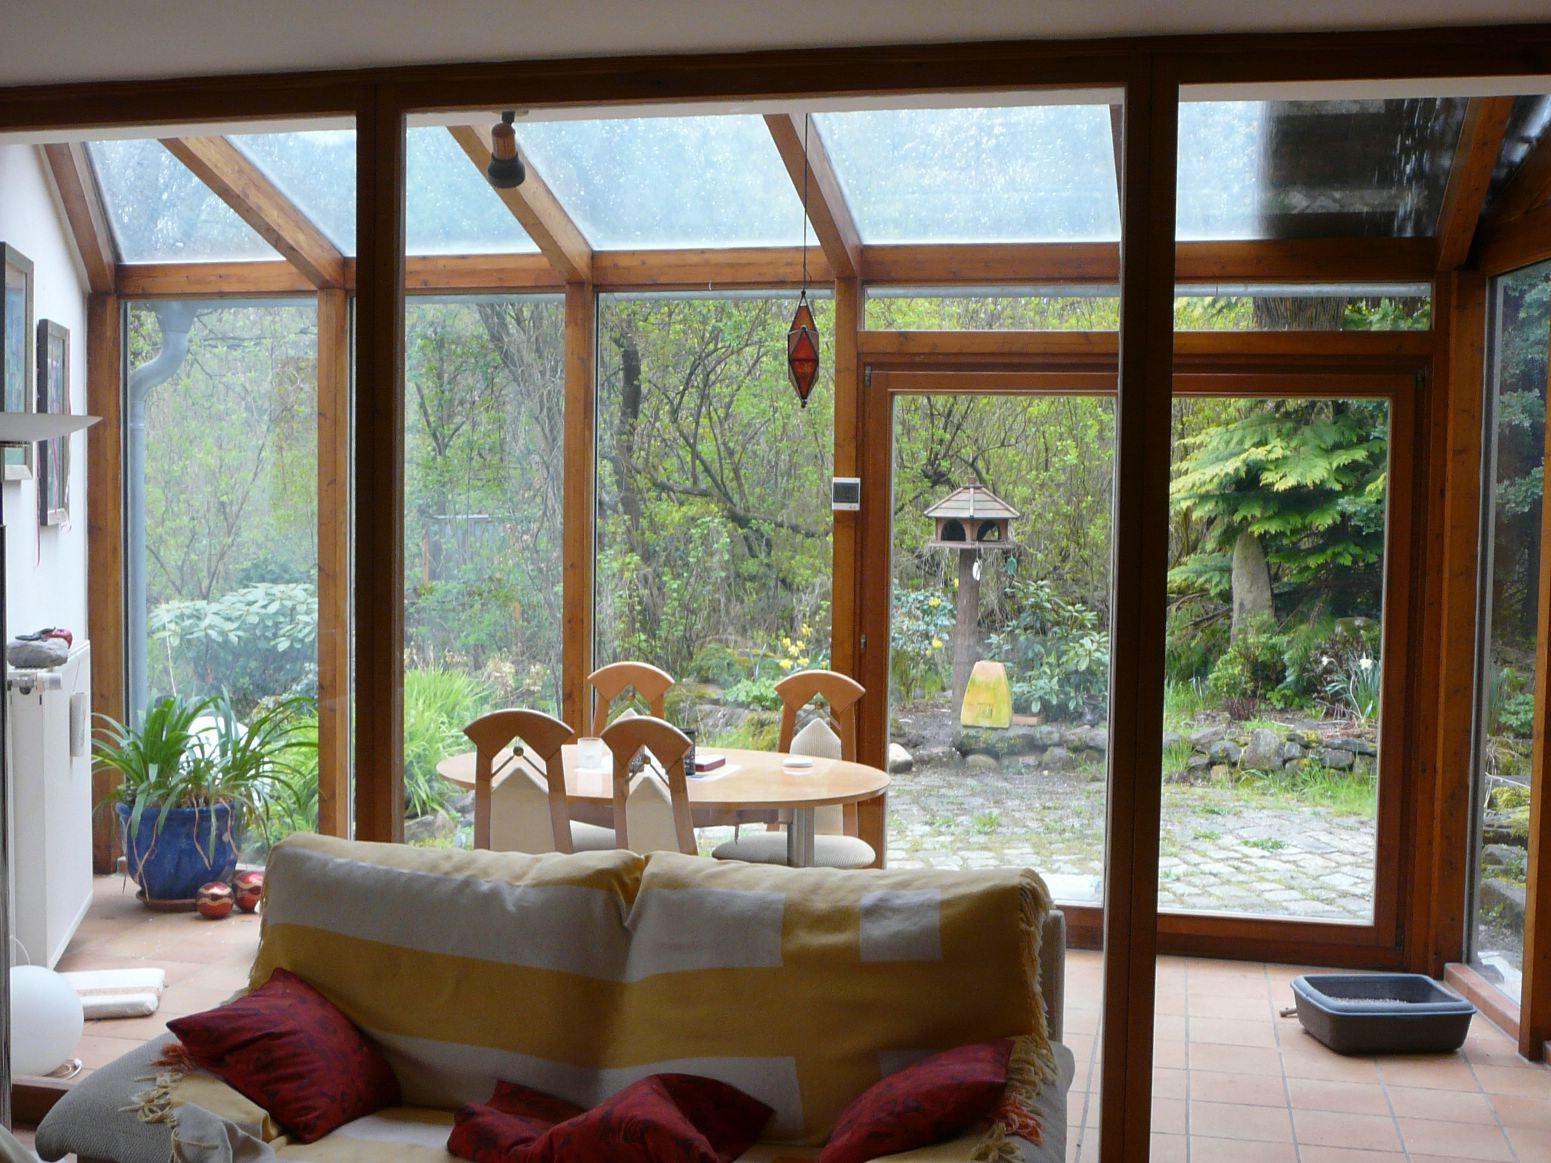 habt ihr einen wintergarten forum ariva de. Black Bedroom Furniture Sets. Home Design Ideas